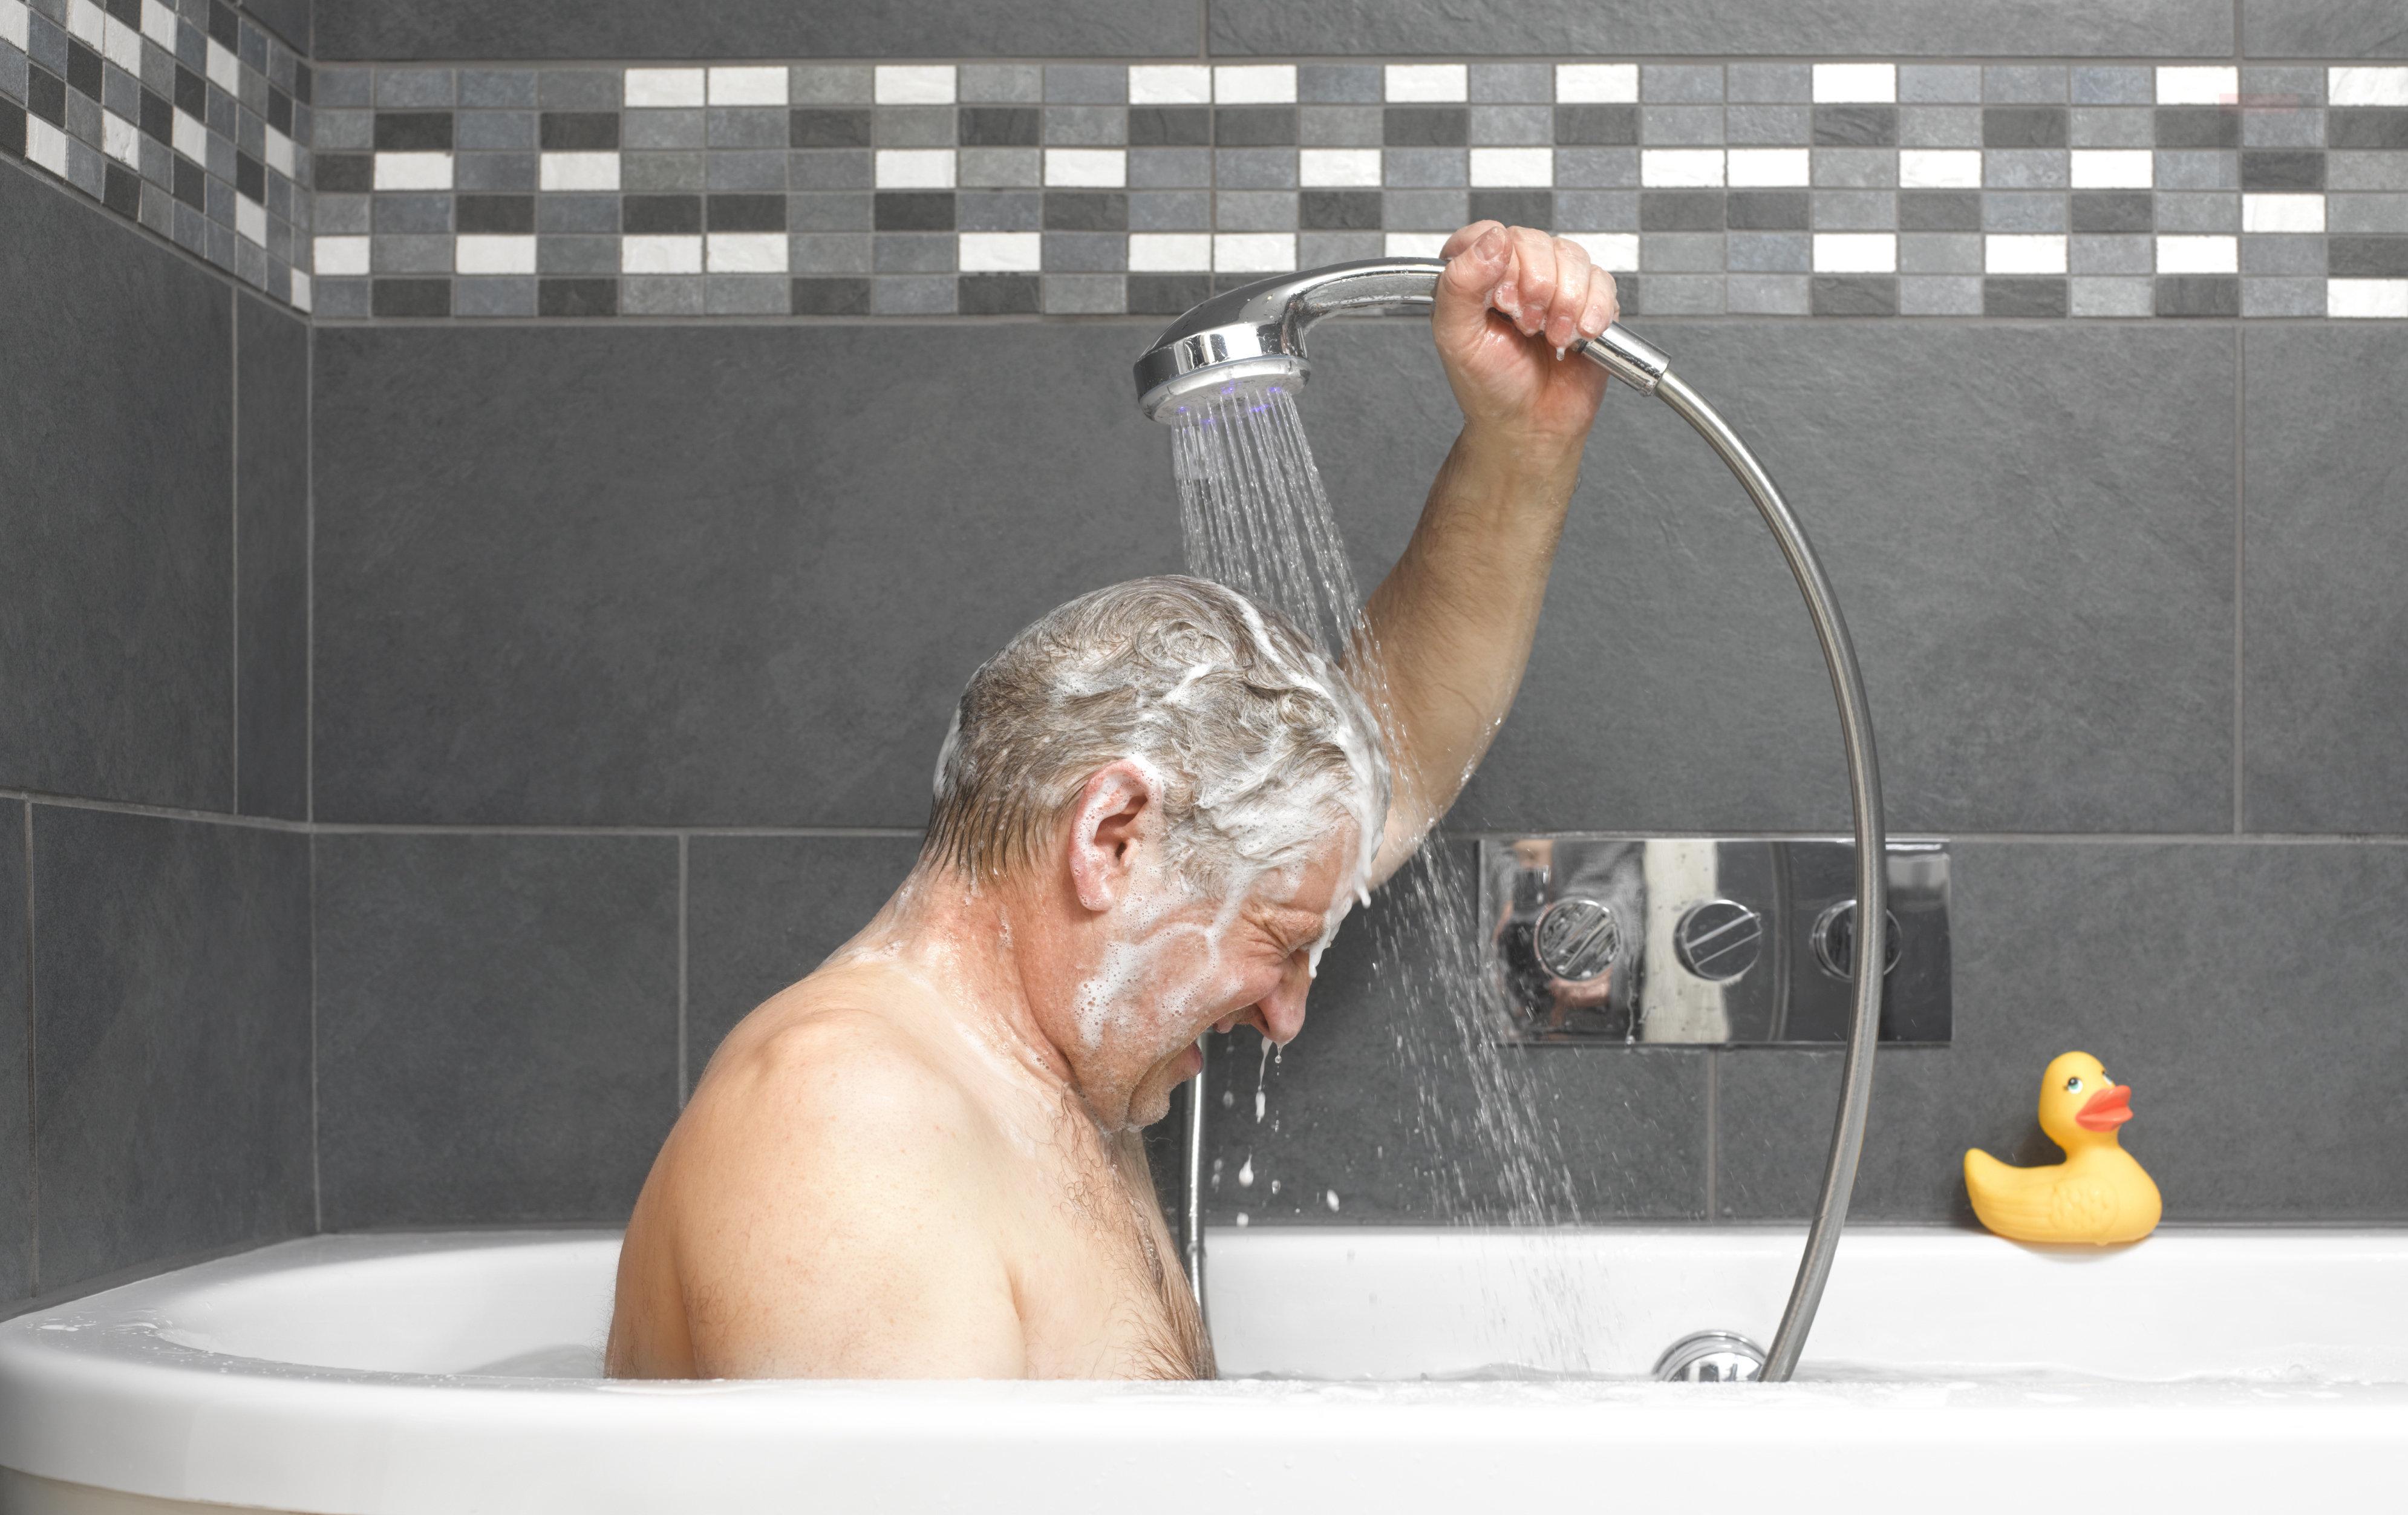 Viele Menschen vergessen beim Duschen ein kleines Körperteil – das hat gravierende Folgen